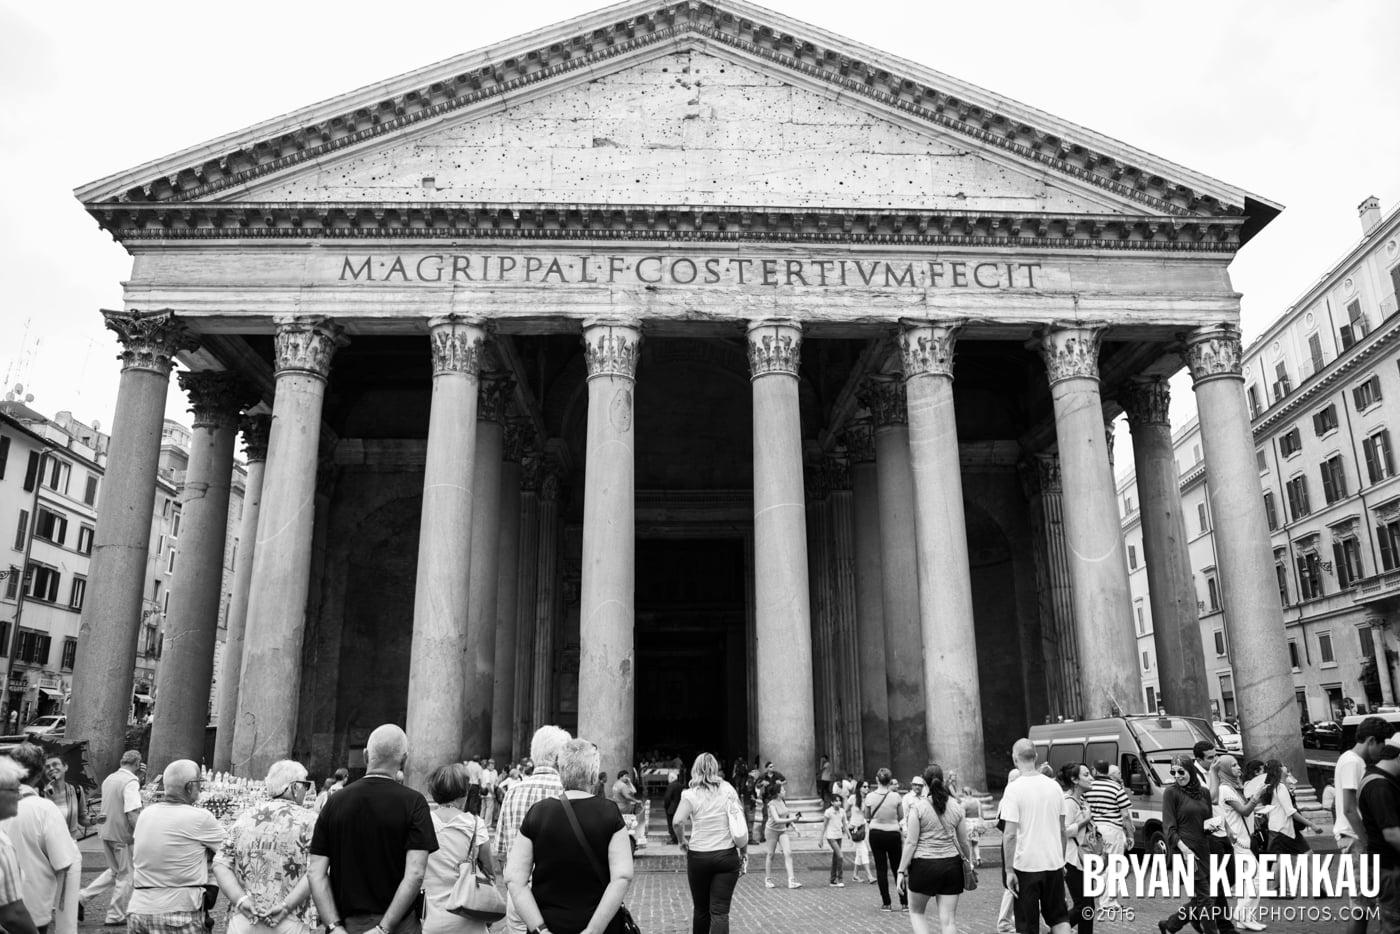 Italy Vacation - Day 1: Rome - 9.9.13 (73)